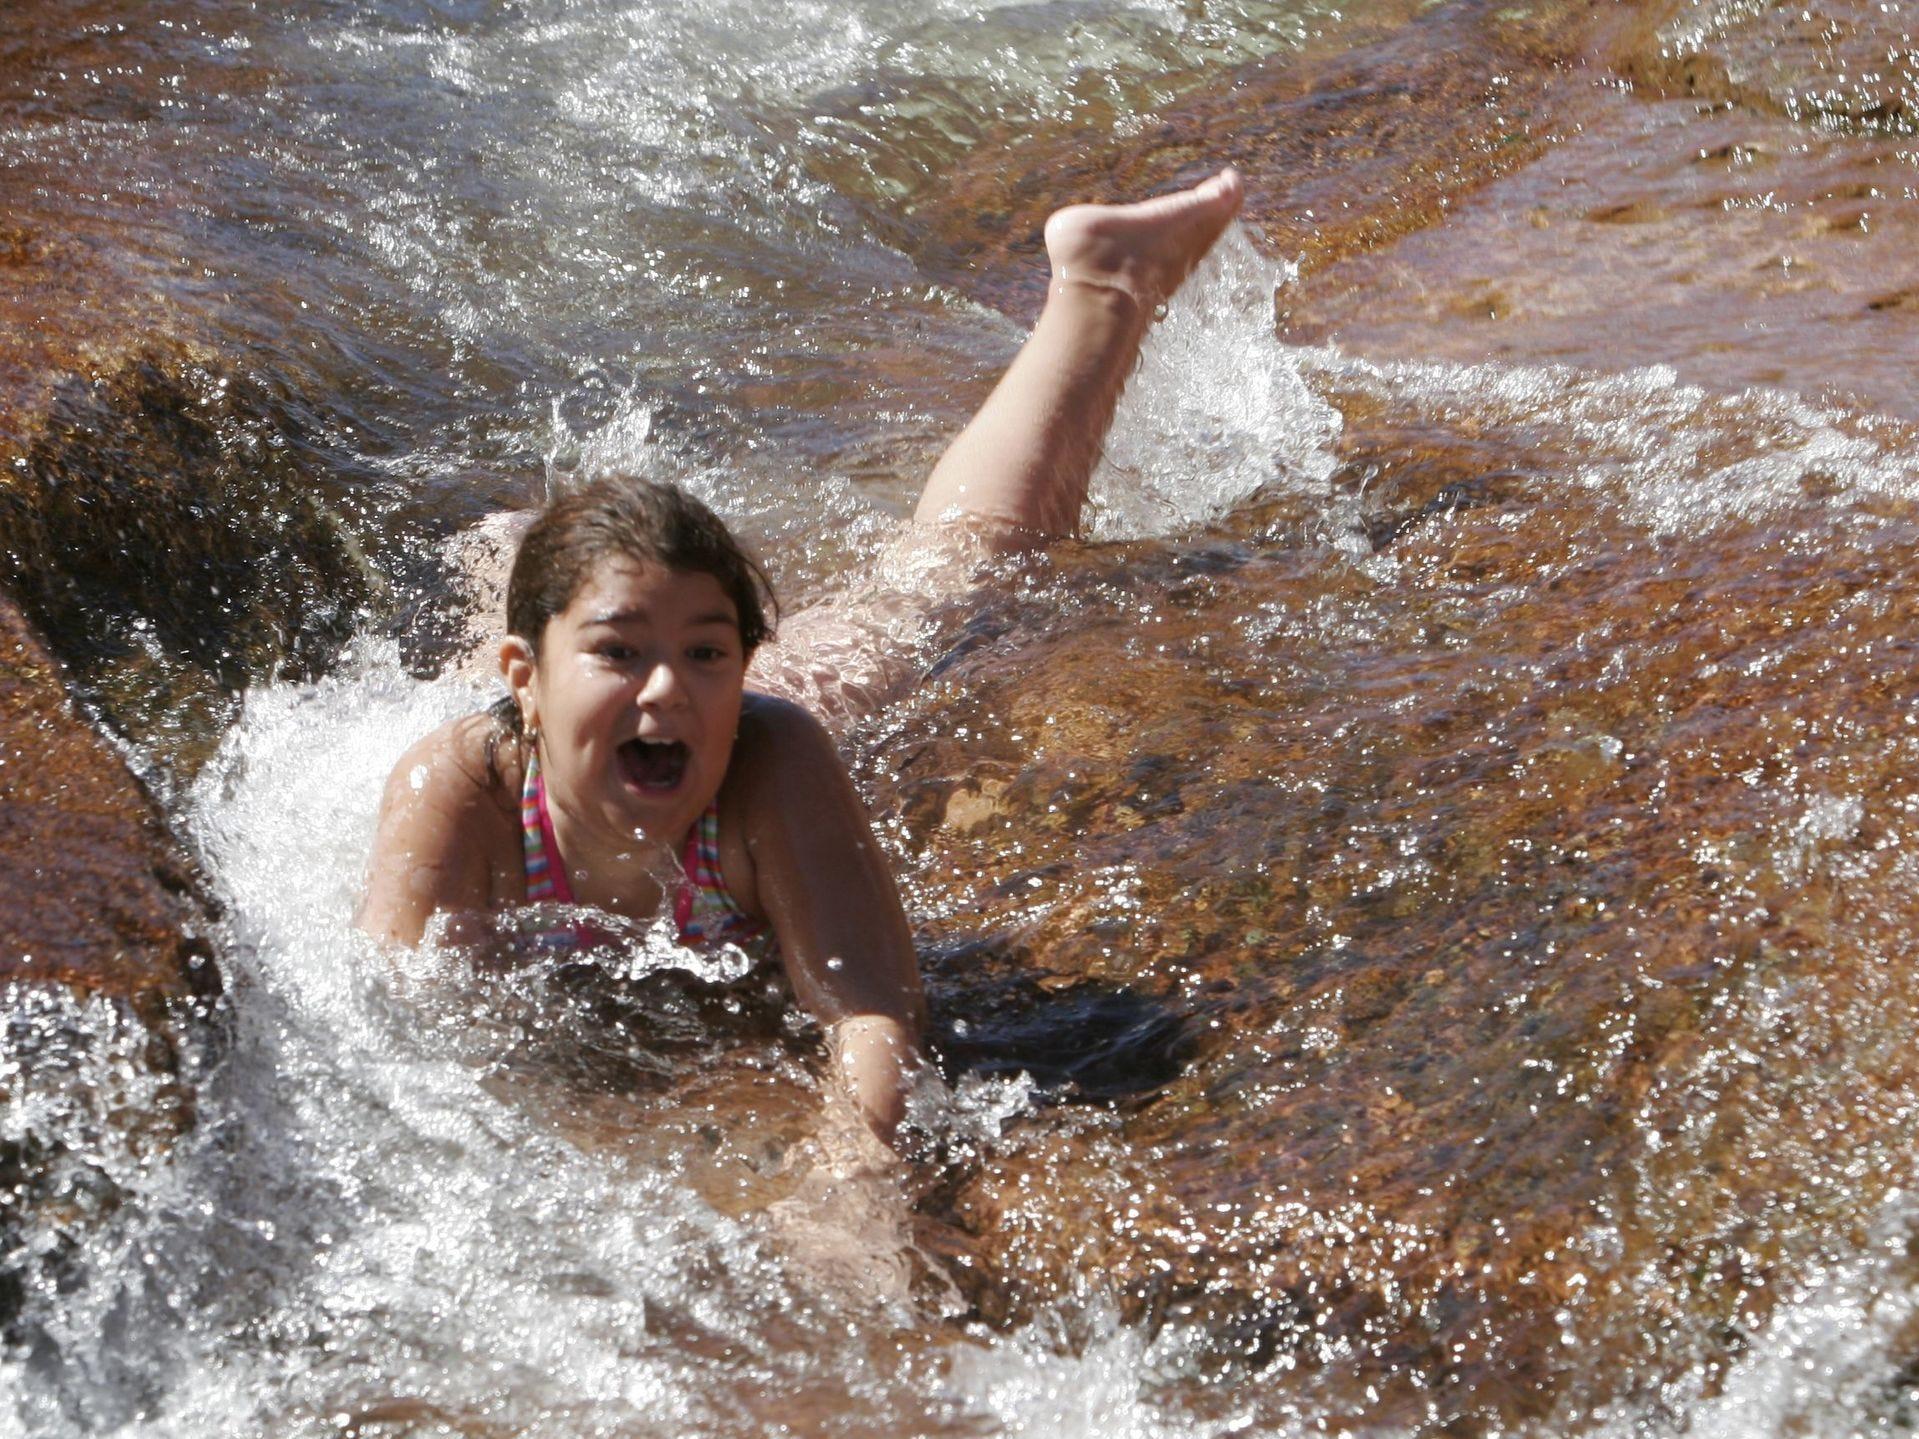 Slide Rock mide 80 pies de largo y 2.5 a 4 pies de ancho, con un descenso del 7 por ciento de arriba a abajo. También hay una piscina con un acantilado de 40 pies que es ideal para saltar. Las algas en las rocas hacen que el descenso descienda muy rápido.